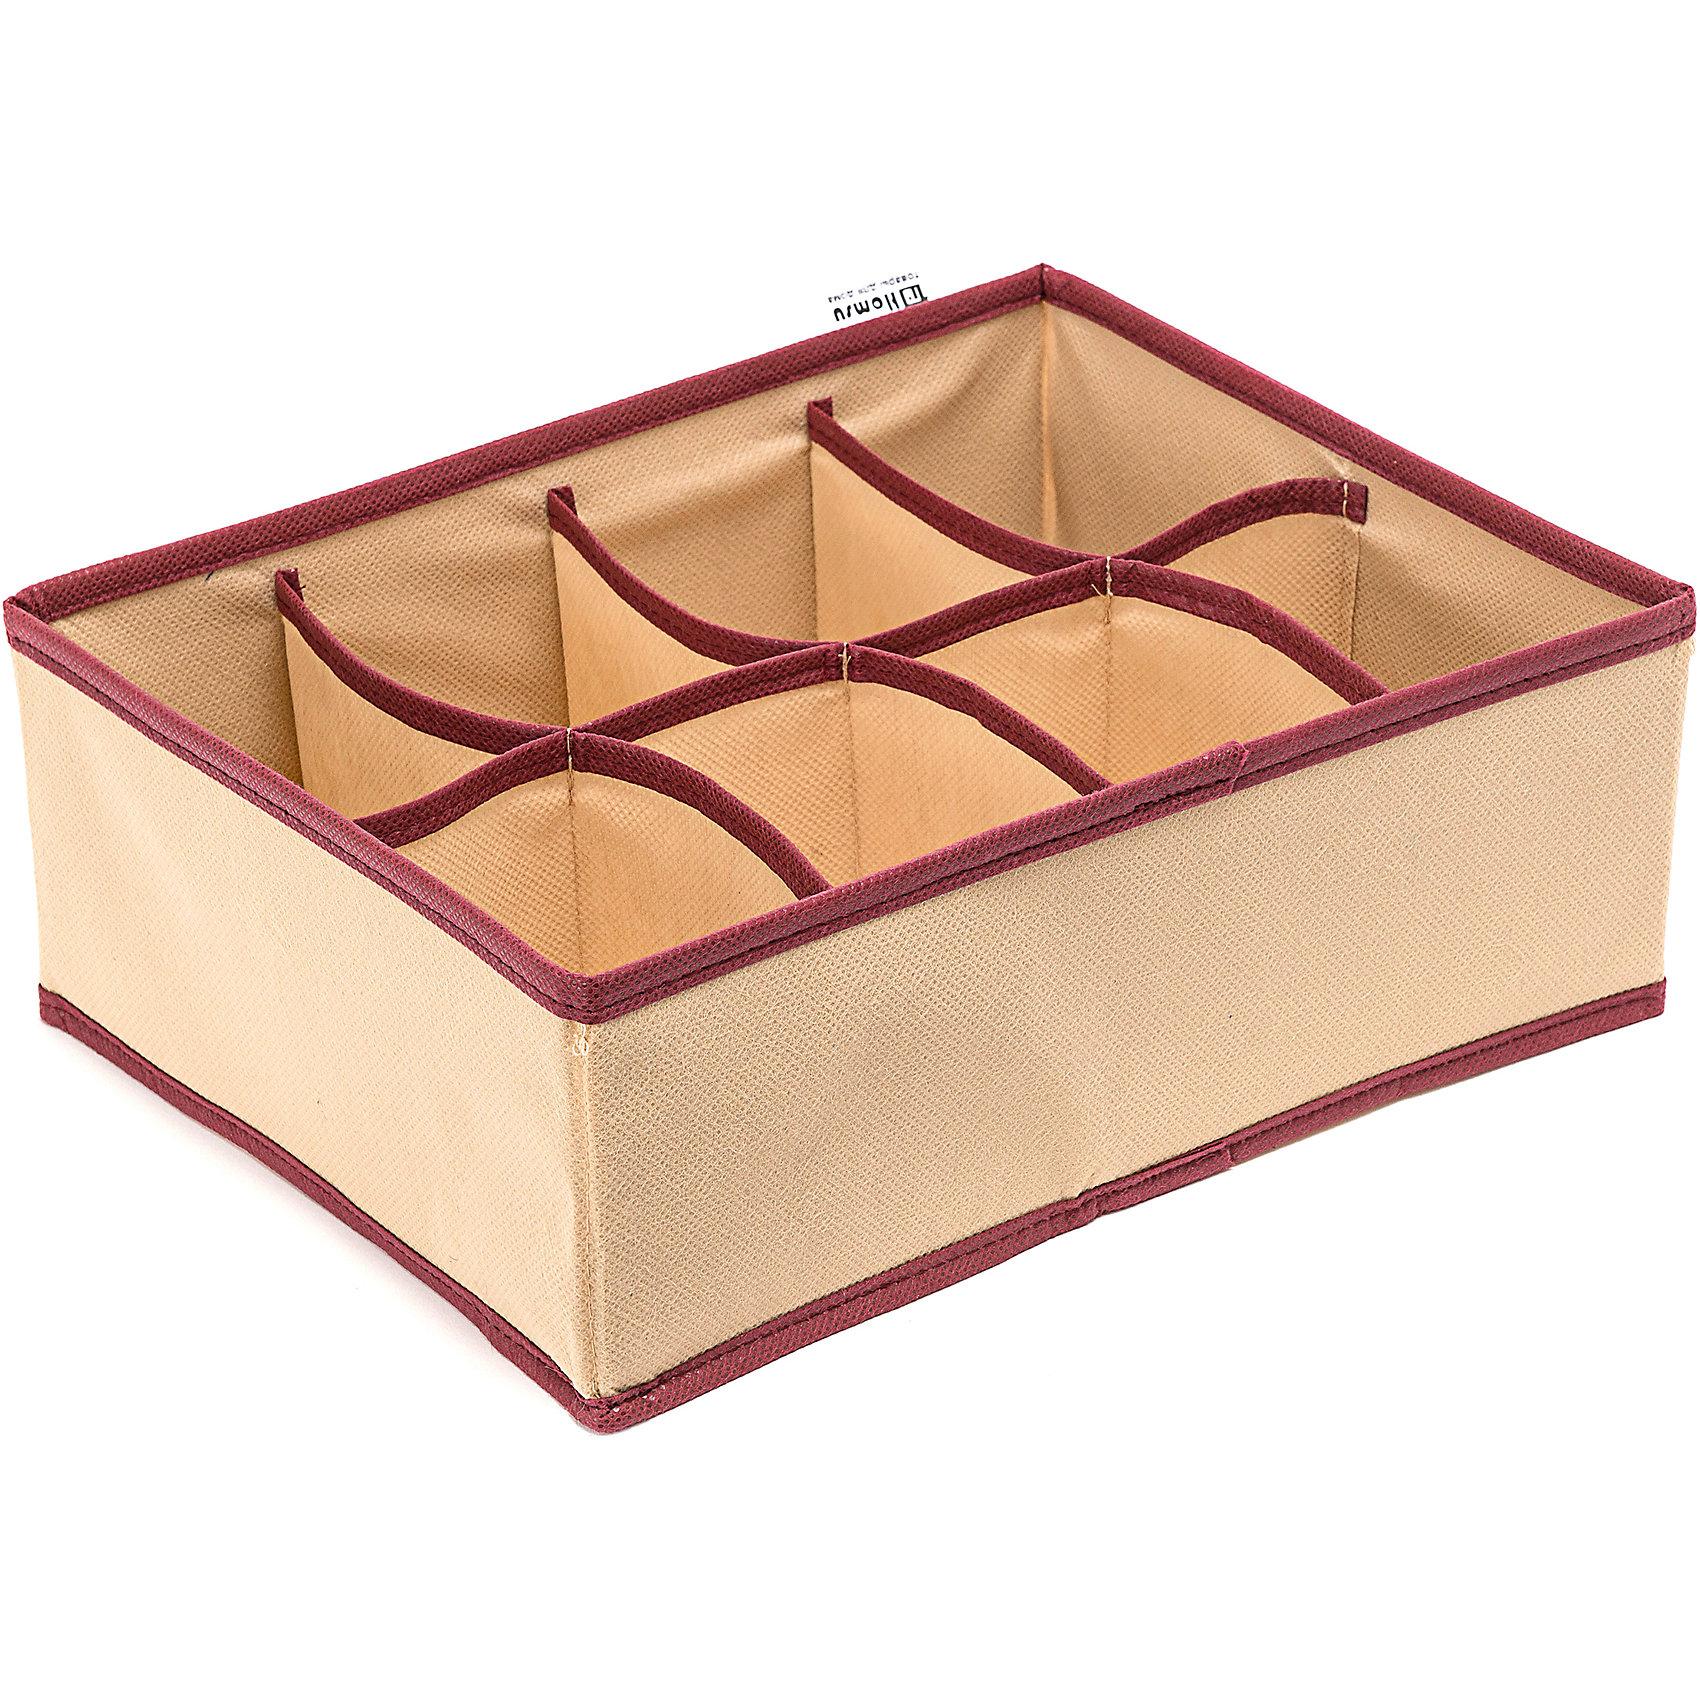 Органайзер на 8 секций Comfort (31*24*11), HomsuПорядок в детской<br>Прямоугольный, плоский органайзер имеет 8 раздельных ячеек размером 12Х8см, очень удобен для хранения вещей среднего размера в вашем ящике или на полке. Идеально для белья, шапок, рукавиц и других вещей ежедневного пользования. Имеет жесткие борта, что является гарантией сохранности вещей.<br><br>Ширина мм: 530<br>Глубина мм: 110<br>Высота мм: 20<br>Вес г: 200<br>Возраст от месяцев: 216<br>Возраст до месяцев: 1188<br>Пол: Унисекс<br>Возраст: Детский<br>SKU: 5620116